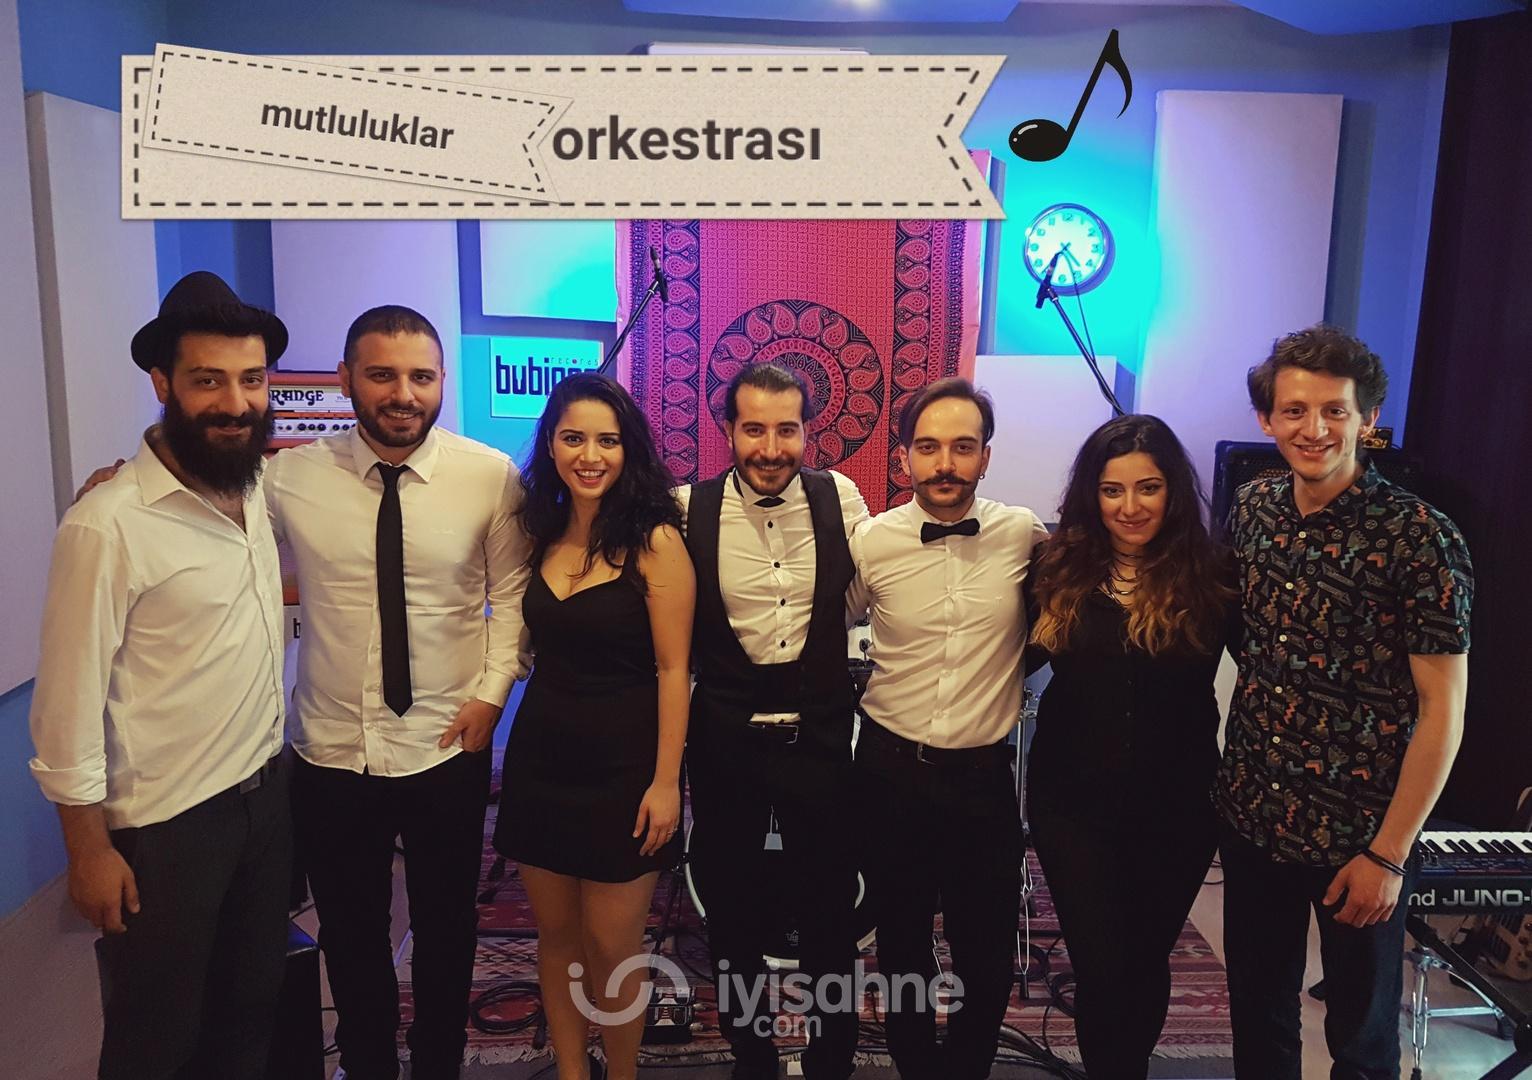 Bestem Yuvarlak (vokal)                                                 Ozan Kama(vokal)                                                 Özgür Pazarlı (klarnet)                                                 Berkay Yolcu (gitar)                                                 Miray Gedikli (bas gitar)                                                 Emrah Çokünlü (klavye)                                                 Arda Uyar (davul)